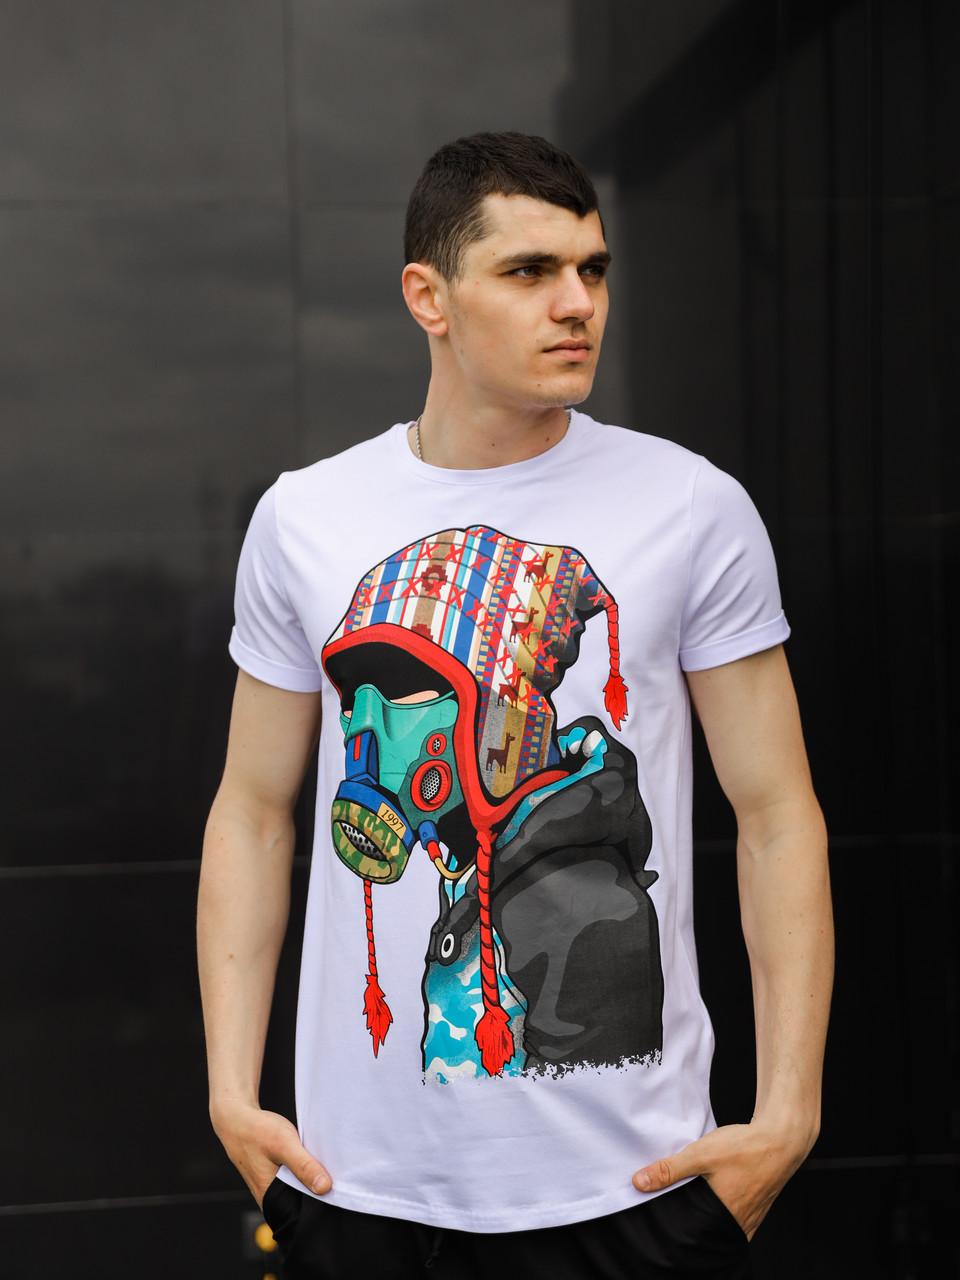 Мужская футболка белая с накатом на груди / Качественная и стильная мужская футболка